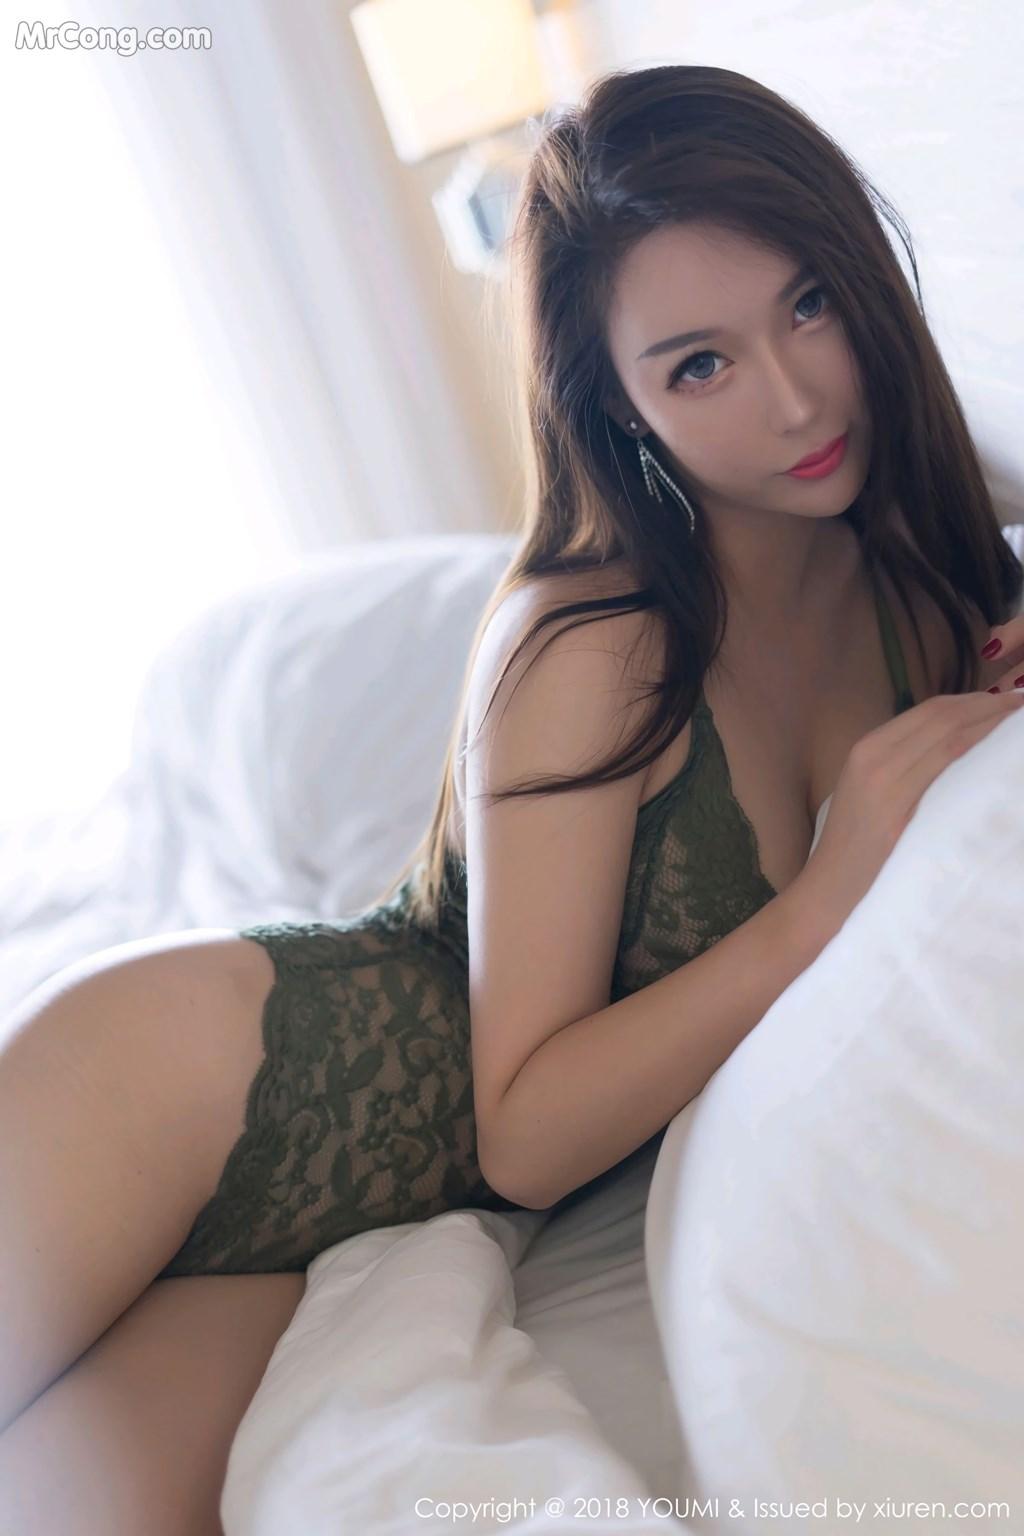 Image YouMi-Vol.228-Egg-MrCong.com-004 in post YouMi Vol.228: Người mẫu Egg_尤妮丝 (45 ảnh)